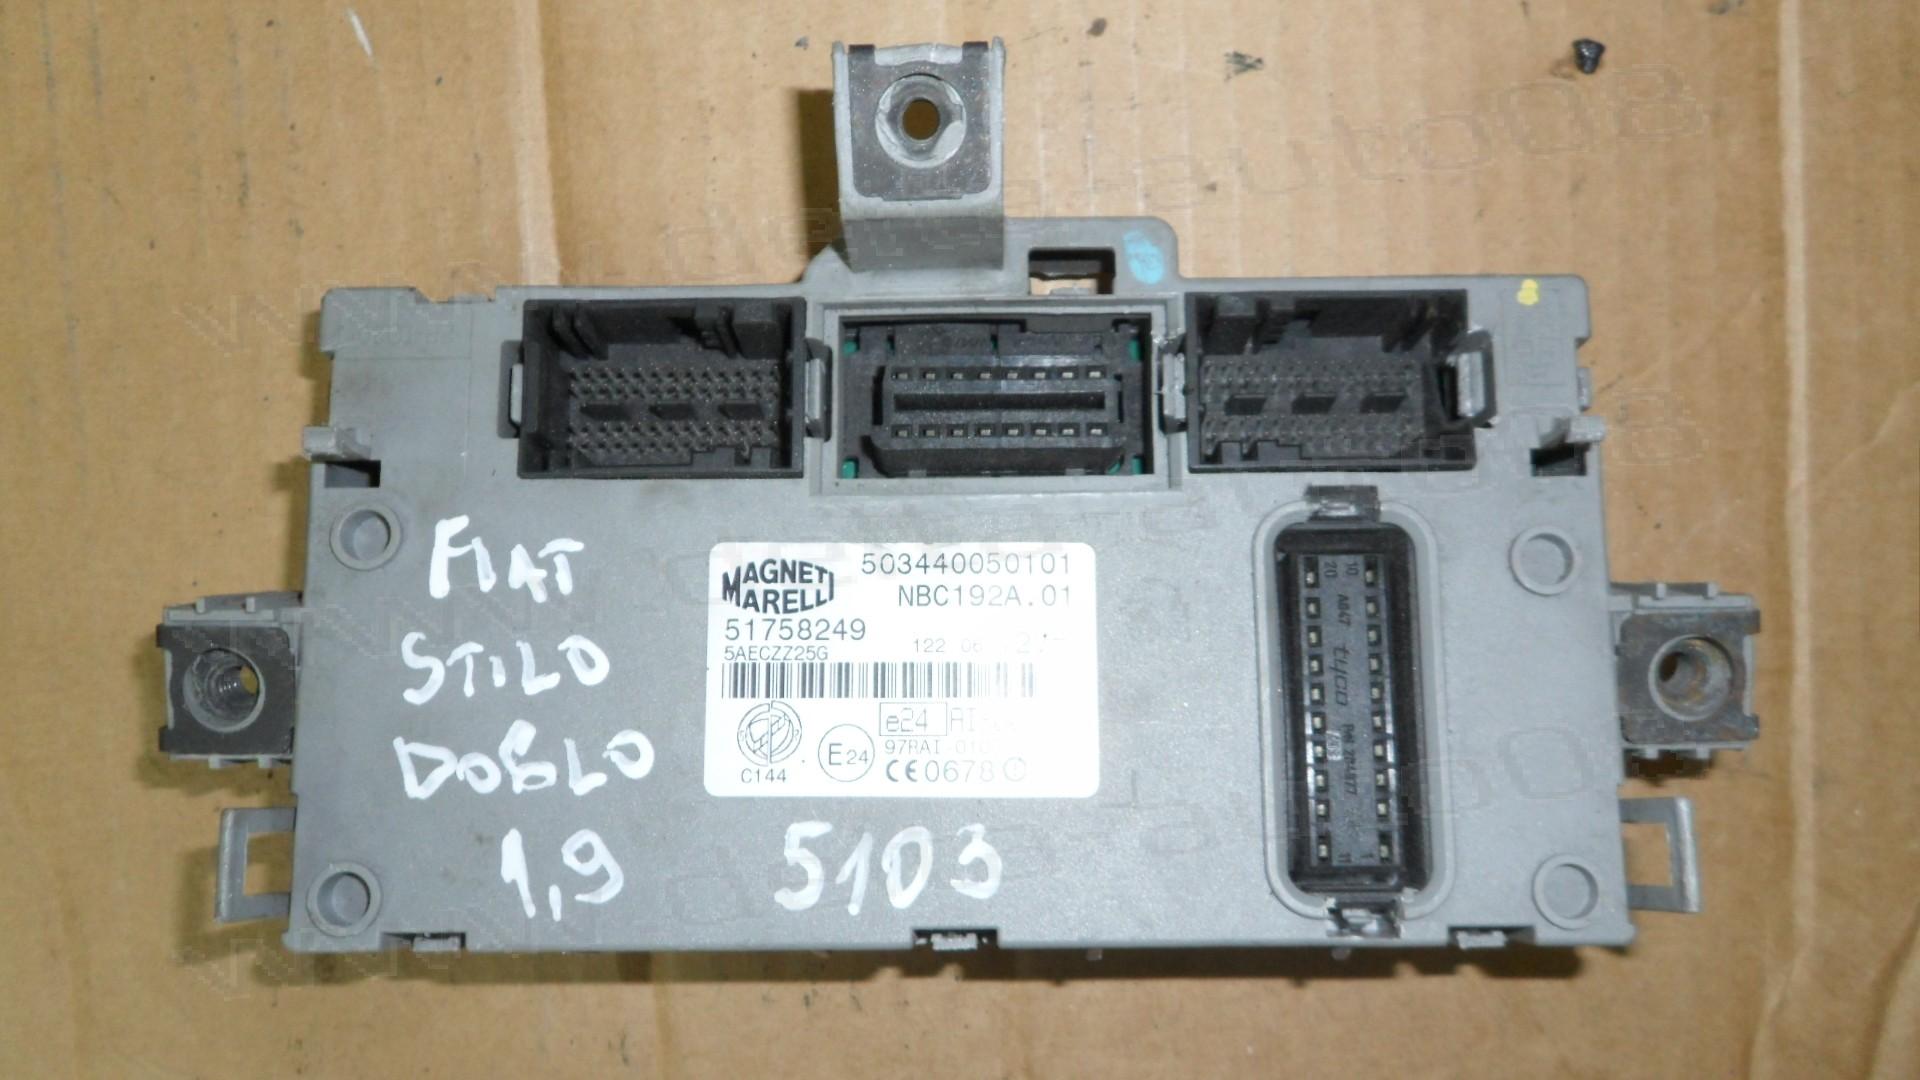 BSI модул за Fiat Stilo, Doblo 1.9 JTD  51758249, 503440050101, NBC192A.01, NBC192A01, NBC192A 01